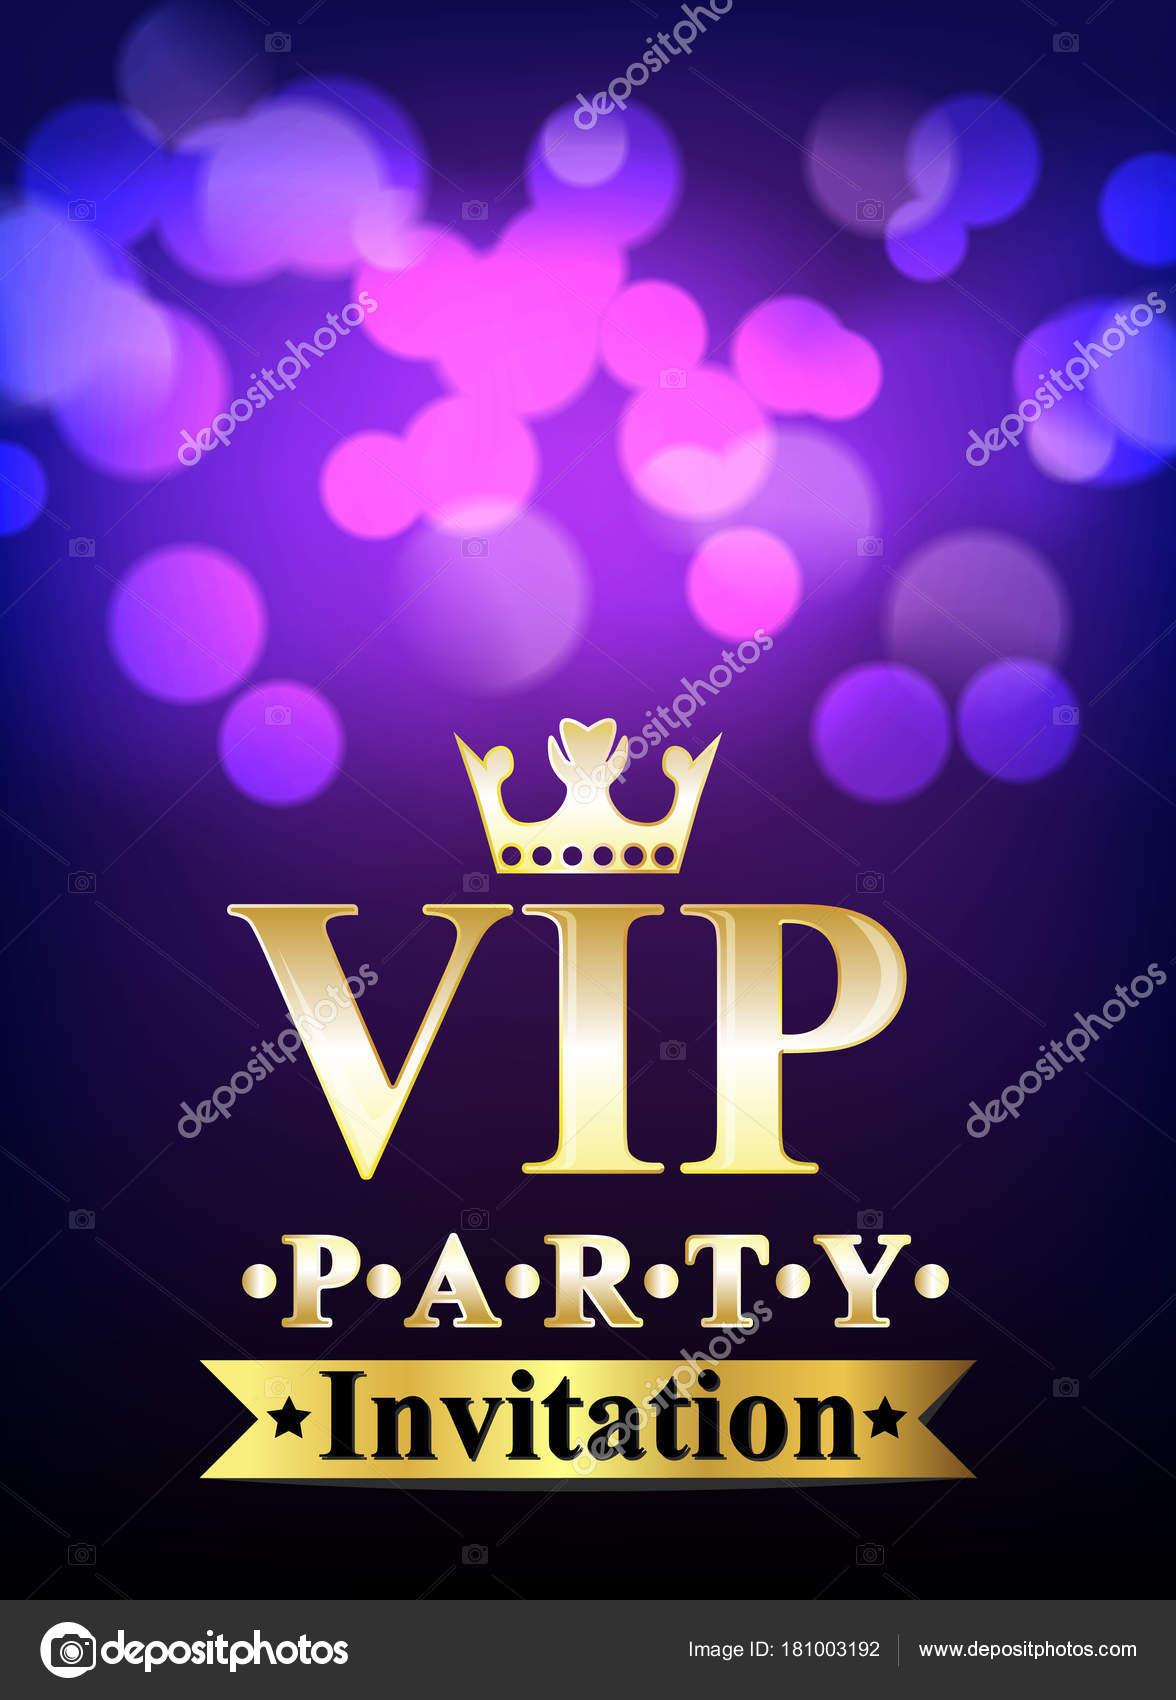 Tarjeta De La Invitación Vip Con Fondo Borroso Vector De